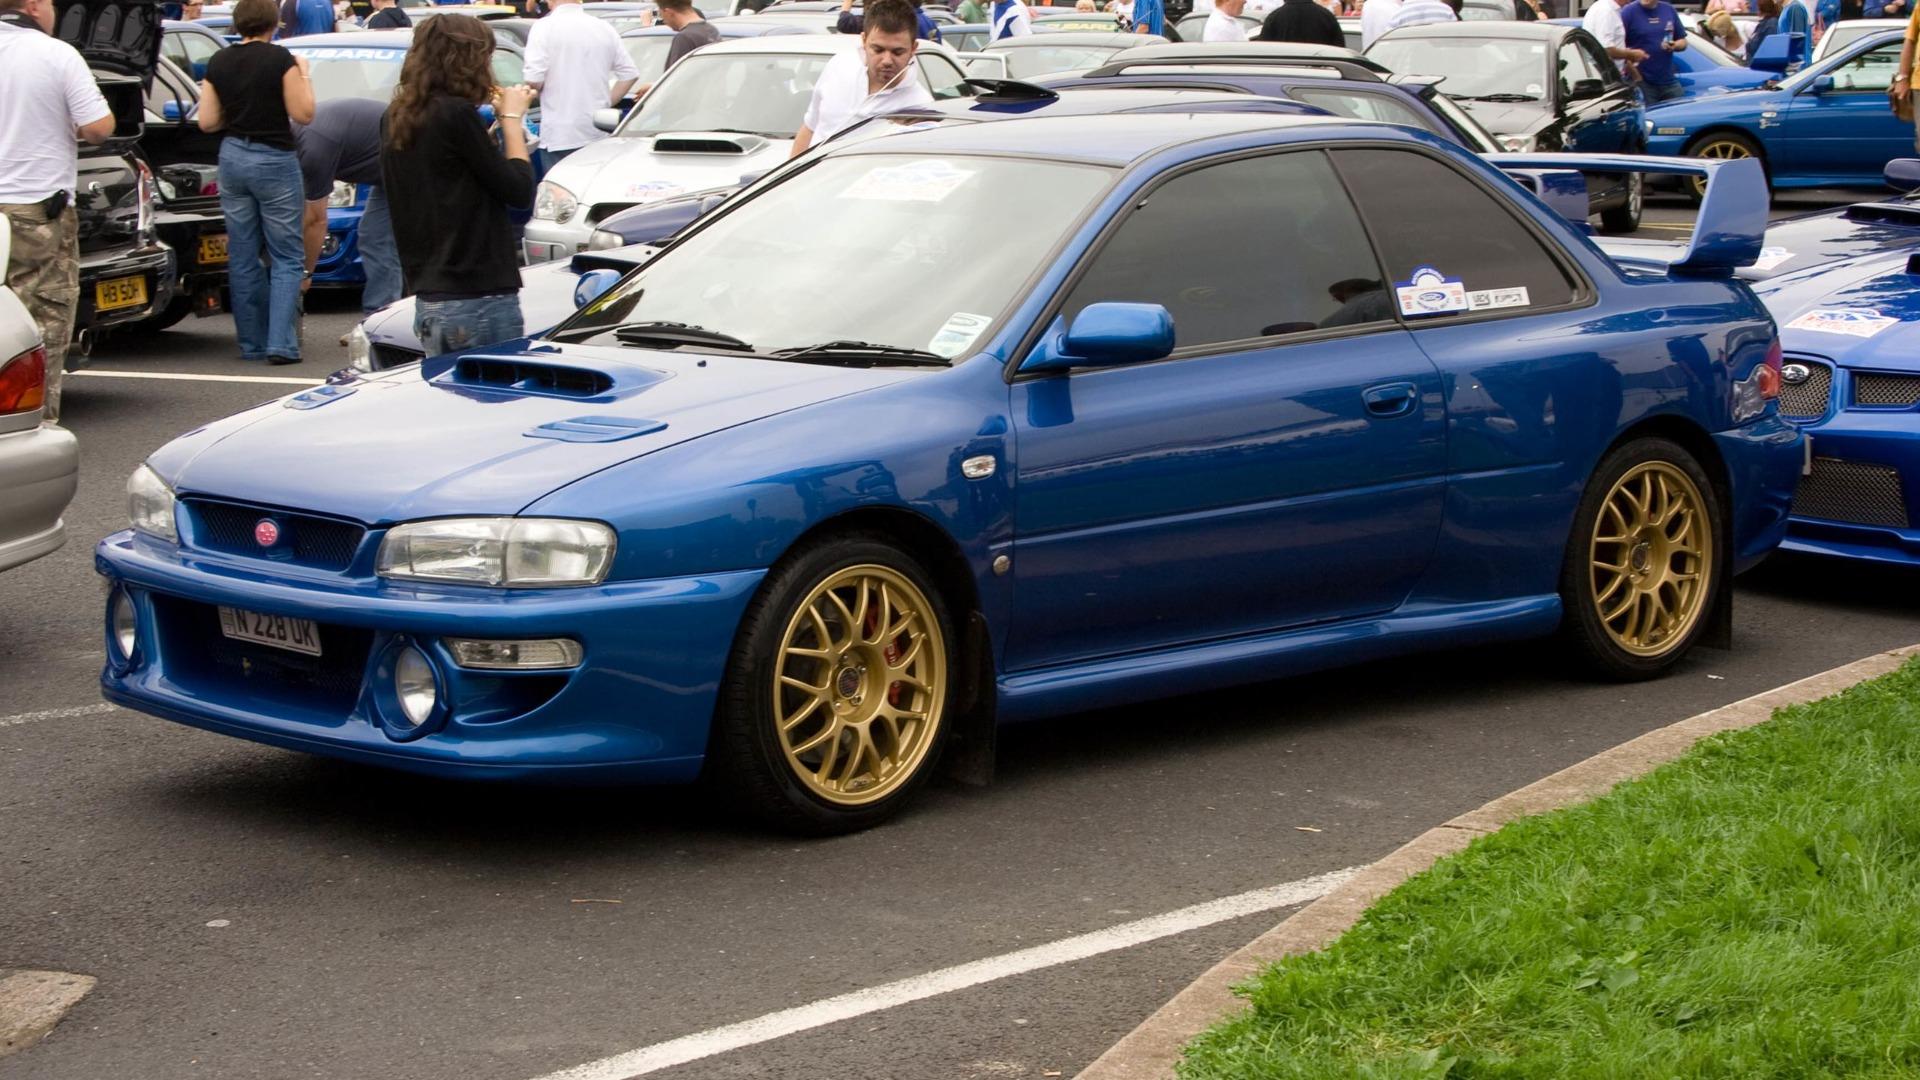 Subaru Impreza 22B STi (Lorden)